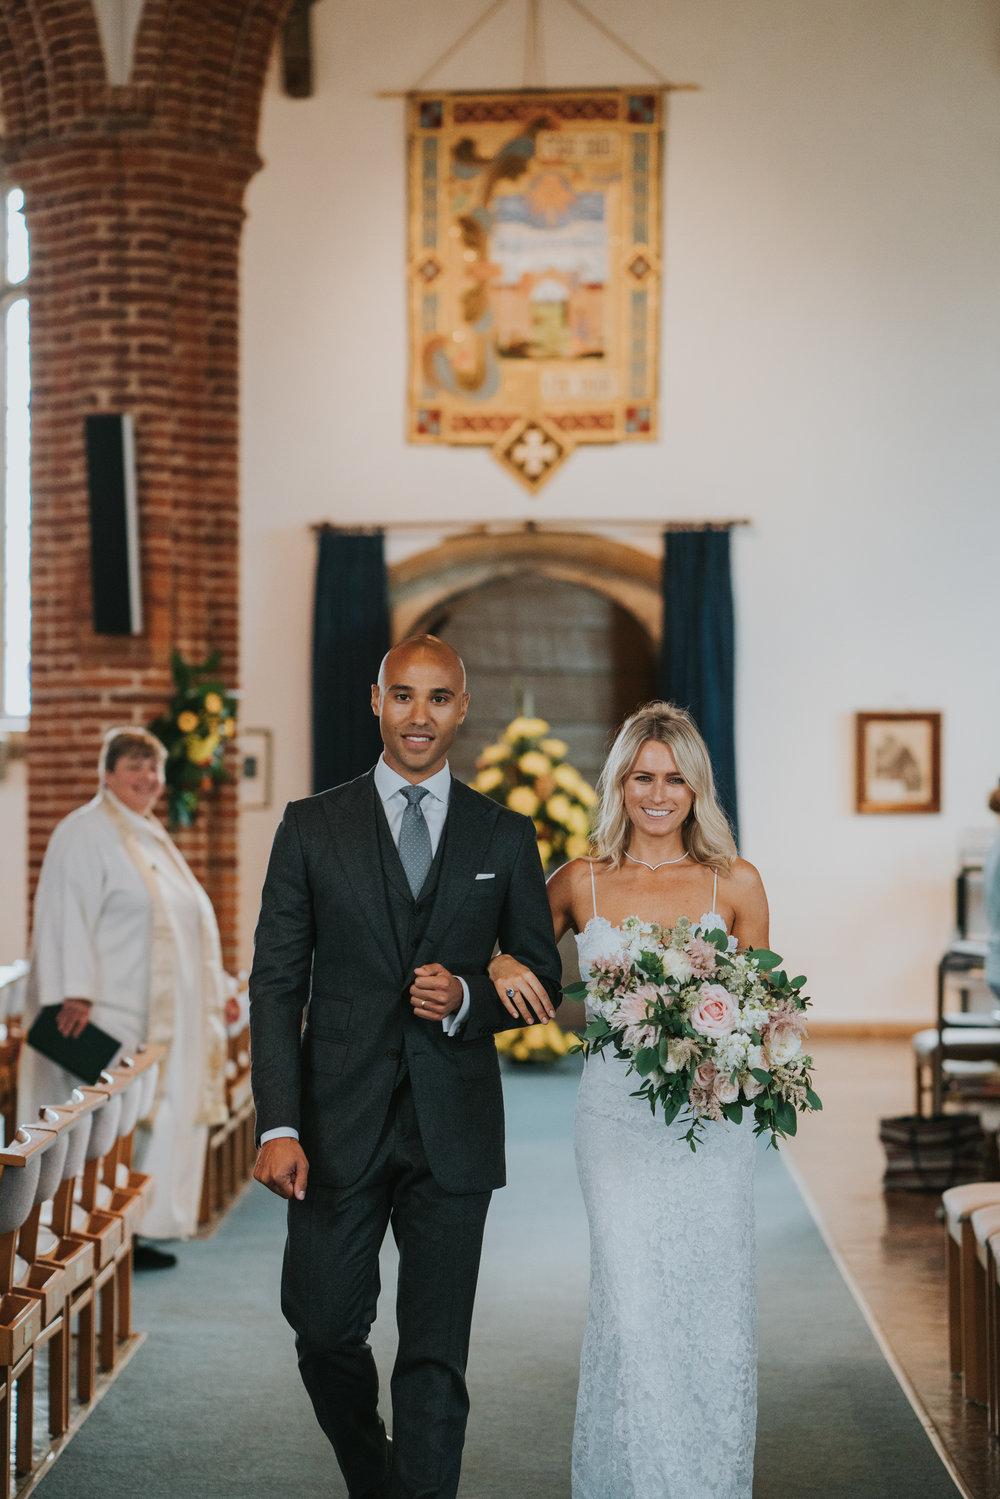 intimate-english-church-wedding-sarah-alex-colchester-essex-grace-elizabeth-colchester-essex-alternative-wedding-lifestyle-photographer-essex-suffolk-norfolk-devon (61 of 92).jpg